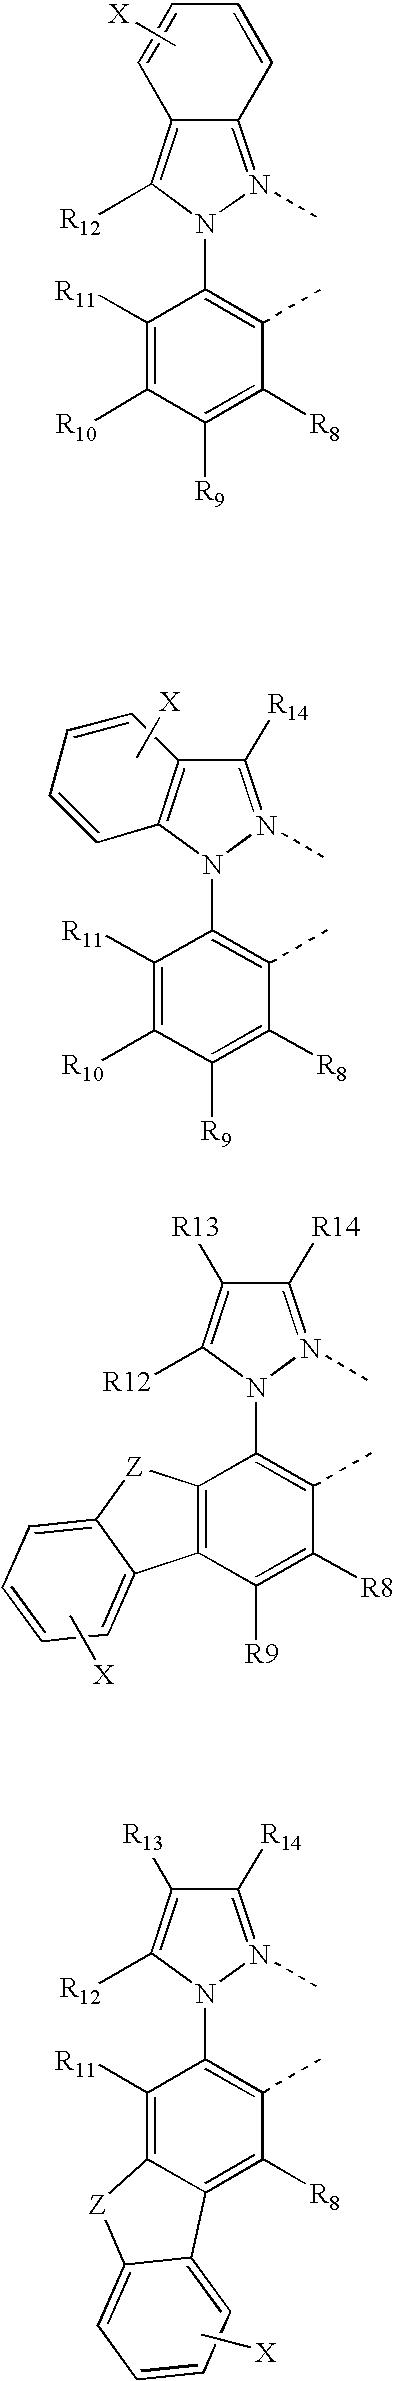 Figure US07338722-20080304-C00020